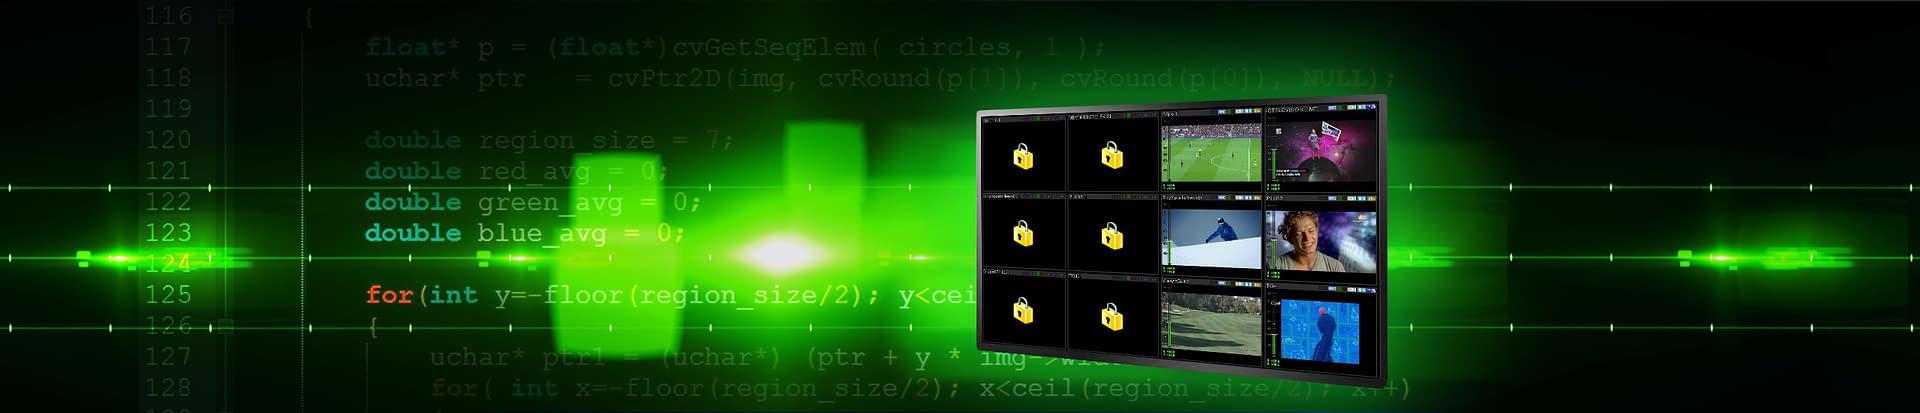 Multiviewer Decryption